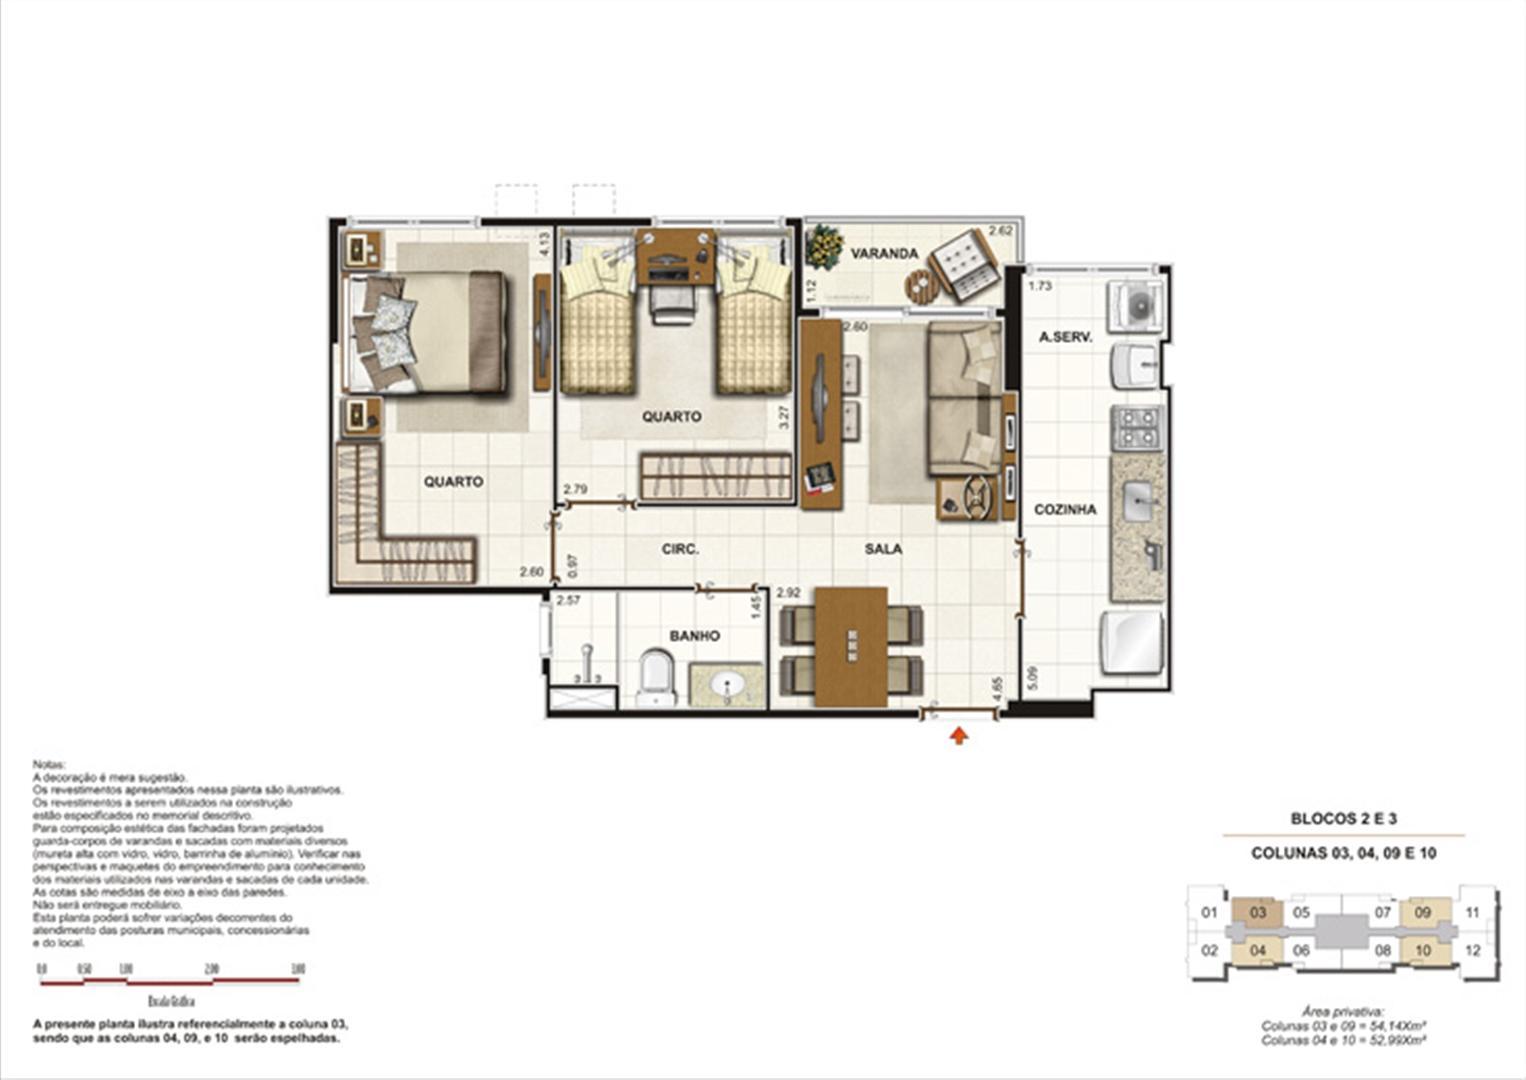 Planta de 2 quartos - 52m² | Splendore Family Club – Apartamento em  Campos - Campos - Rio de Janeiro